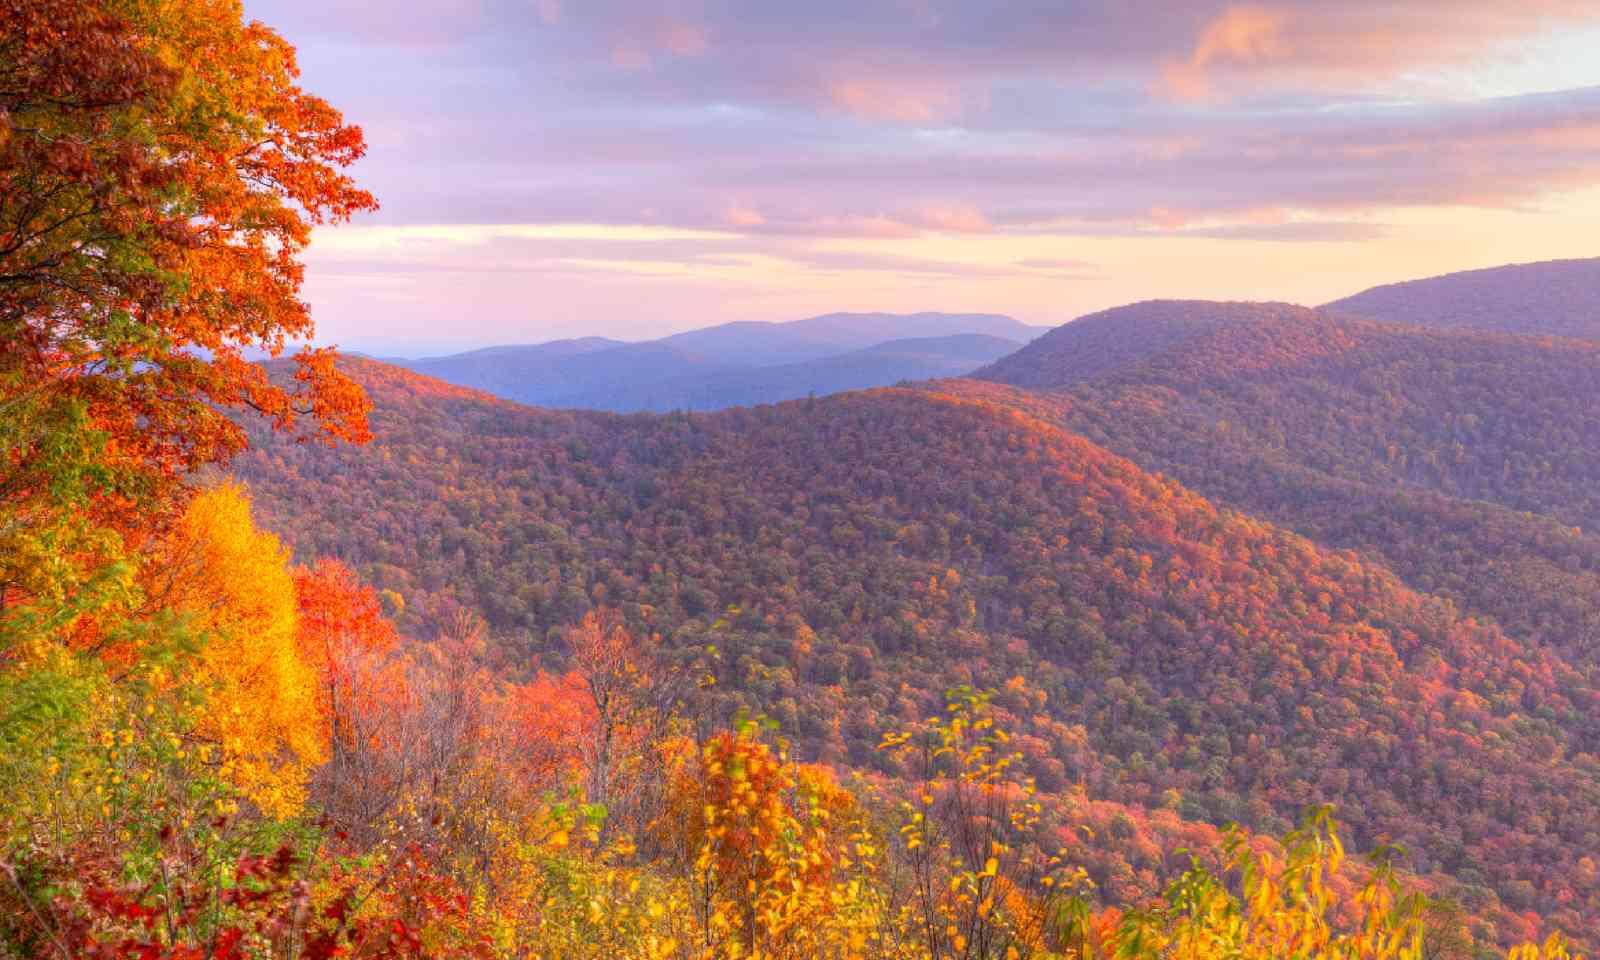 Shenandoah National Park (Shutterstock)